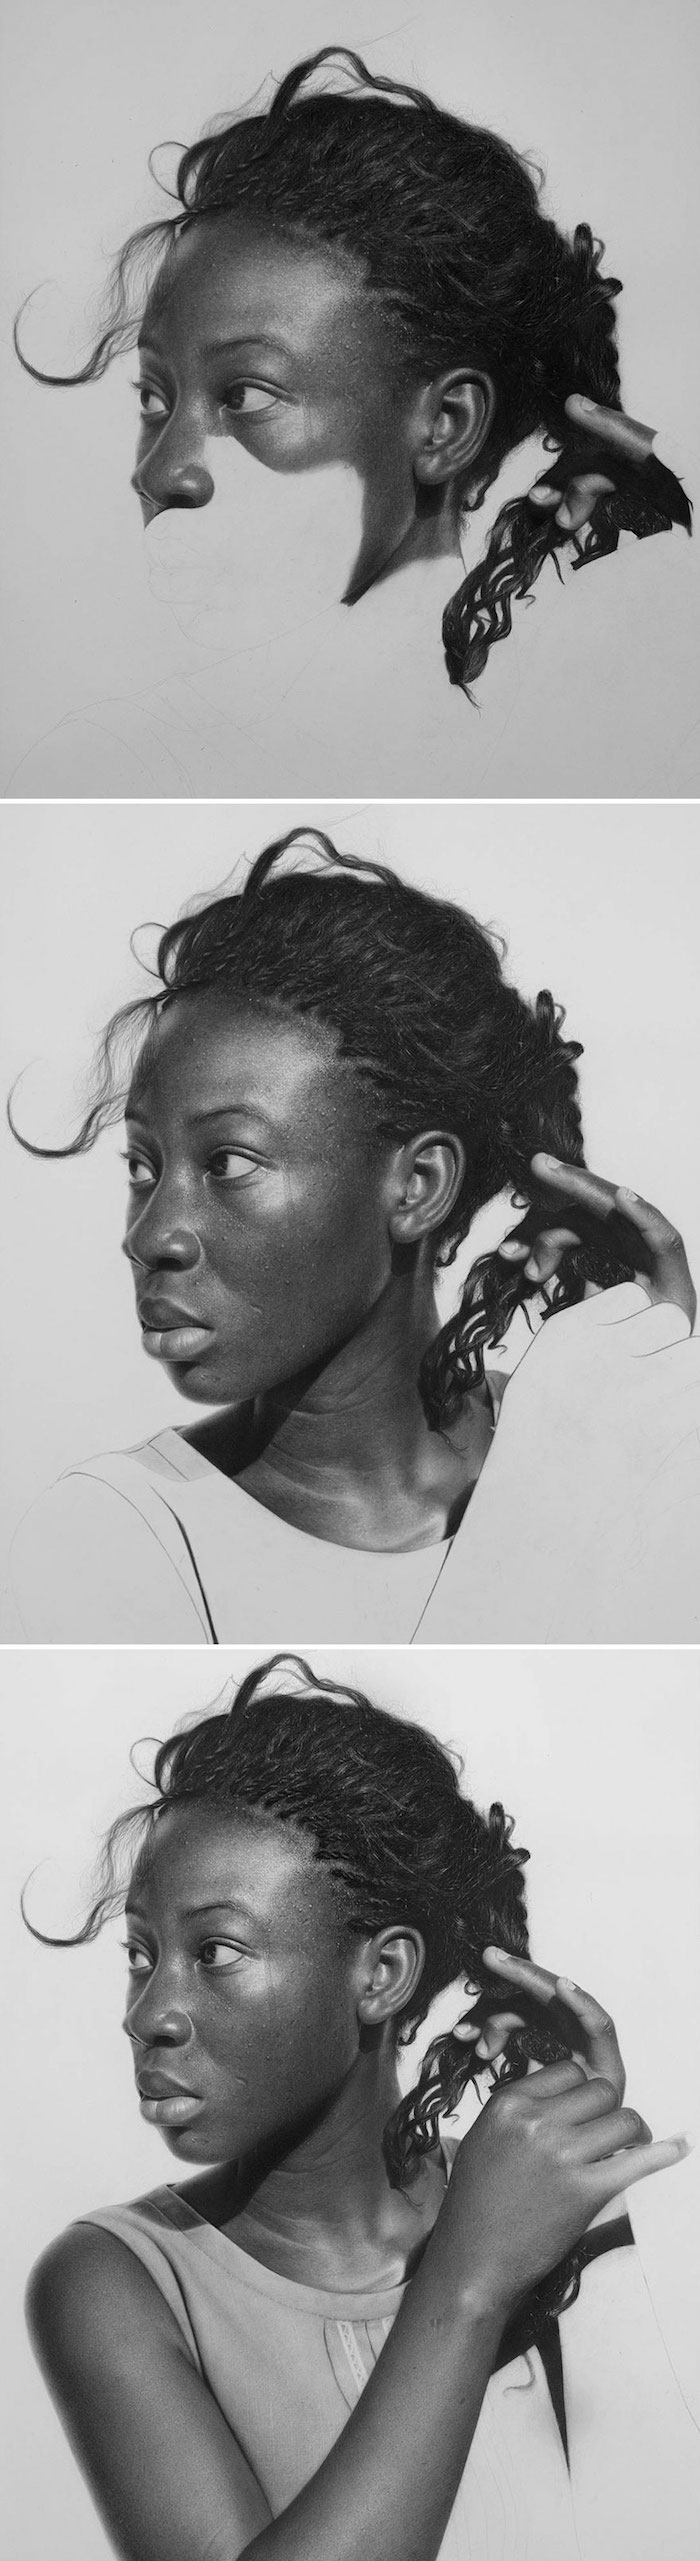 Les étapes pour la création d'une visage, dessin magnifique photo-réalisme art style, comment faire un dessin réaliste, inspiration dessin 3d